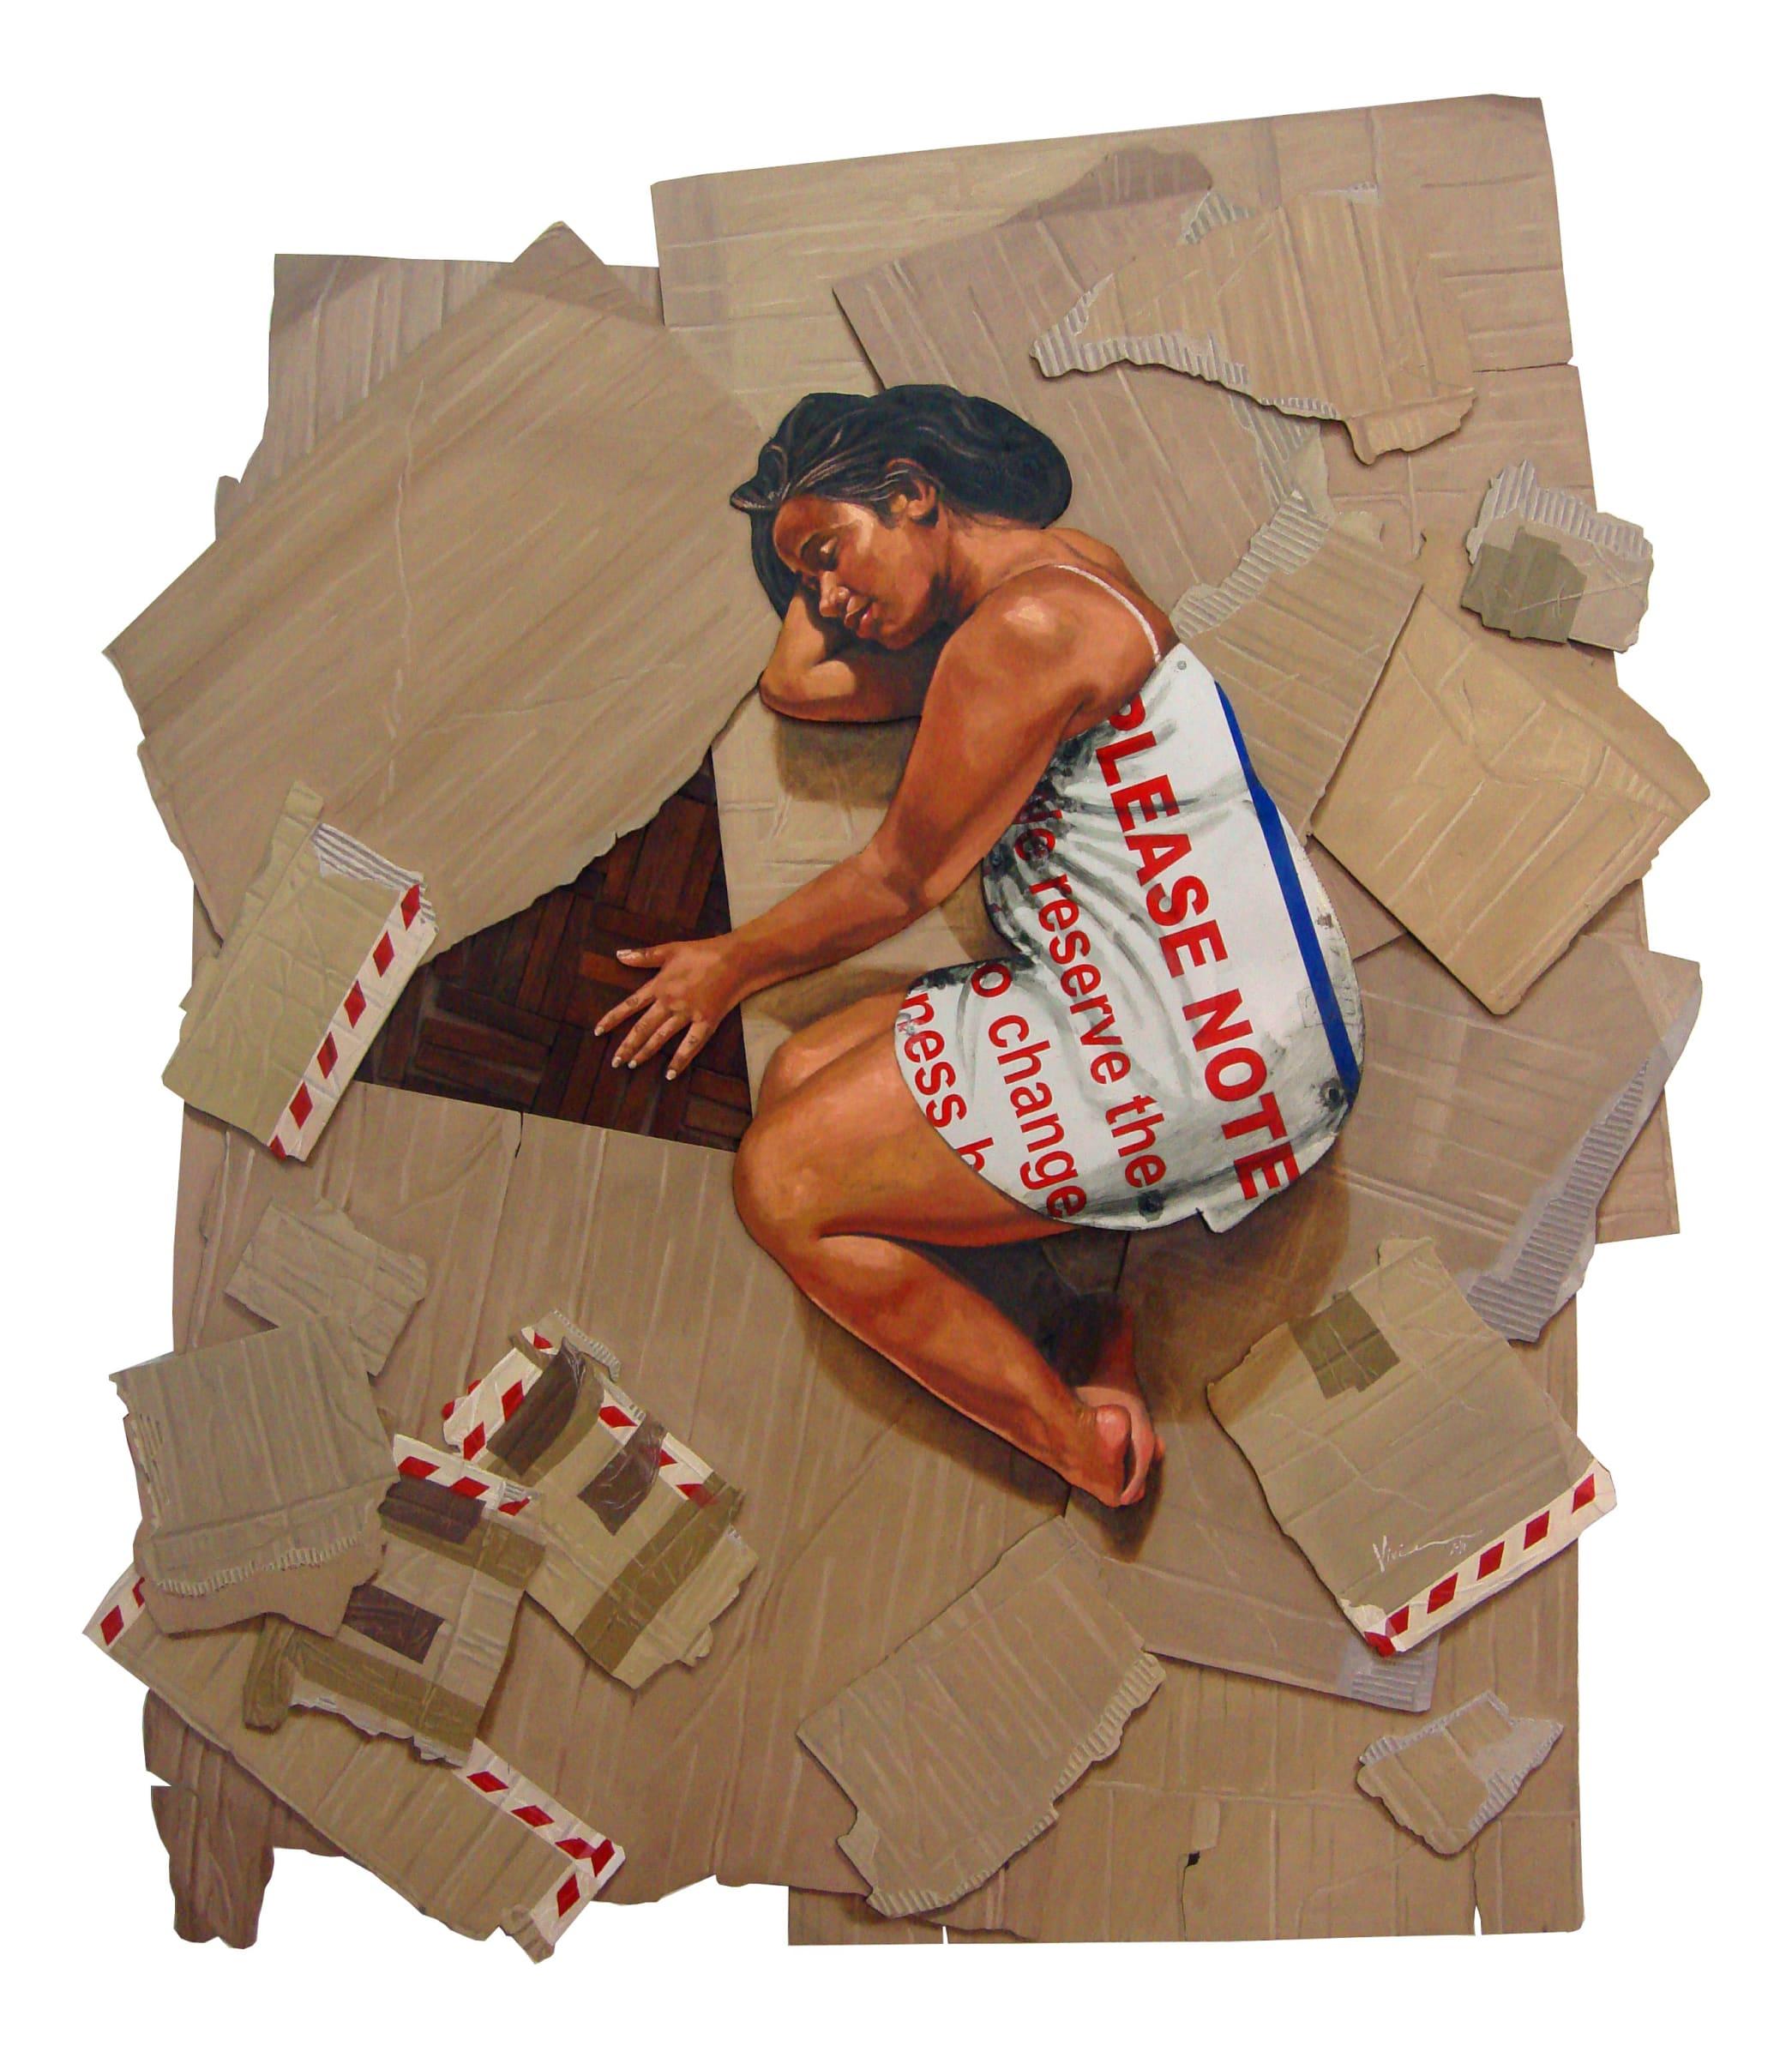 <span class=&#34;link fancybox-details-link&#34;><a href=&#34;/artists/78-vivien-kohler/works/3142-vivien-kohler-those-who-dream-2014/&#34;>View Detail Page</a></span><div class=&#34;artist&#34;><strong>Vivien Kohler</strong></div> <div class=&#34;title&#34;><em>Those Who Dream</em>, 2014</div> <div class=&#34;medium&#34;>Parquet, Grout, Found Metal & Oil On Board</div> <div class=&#34;dimensions&#34;>175cm x 150cm</div><div class=&#34;price&#34;>R34,000.00</div>